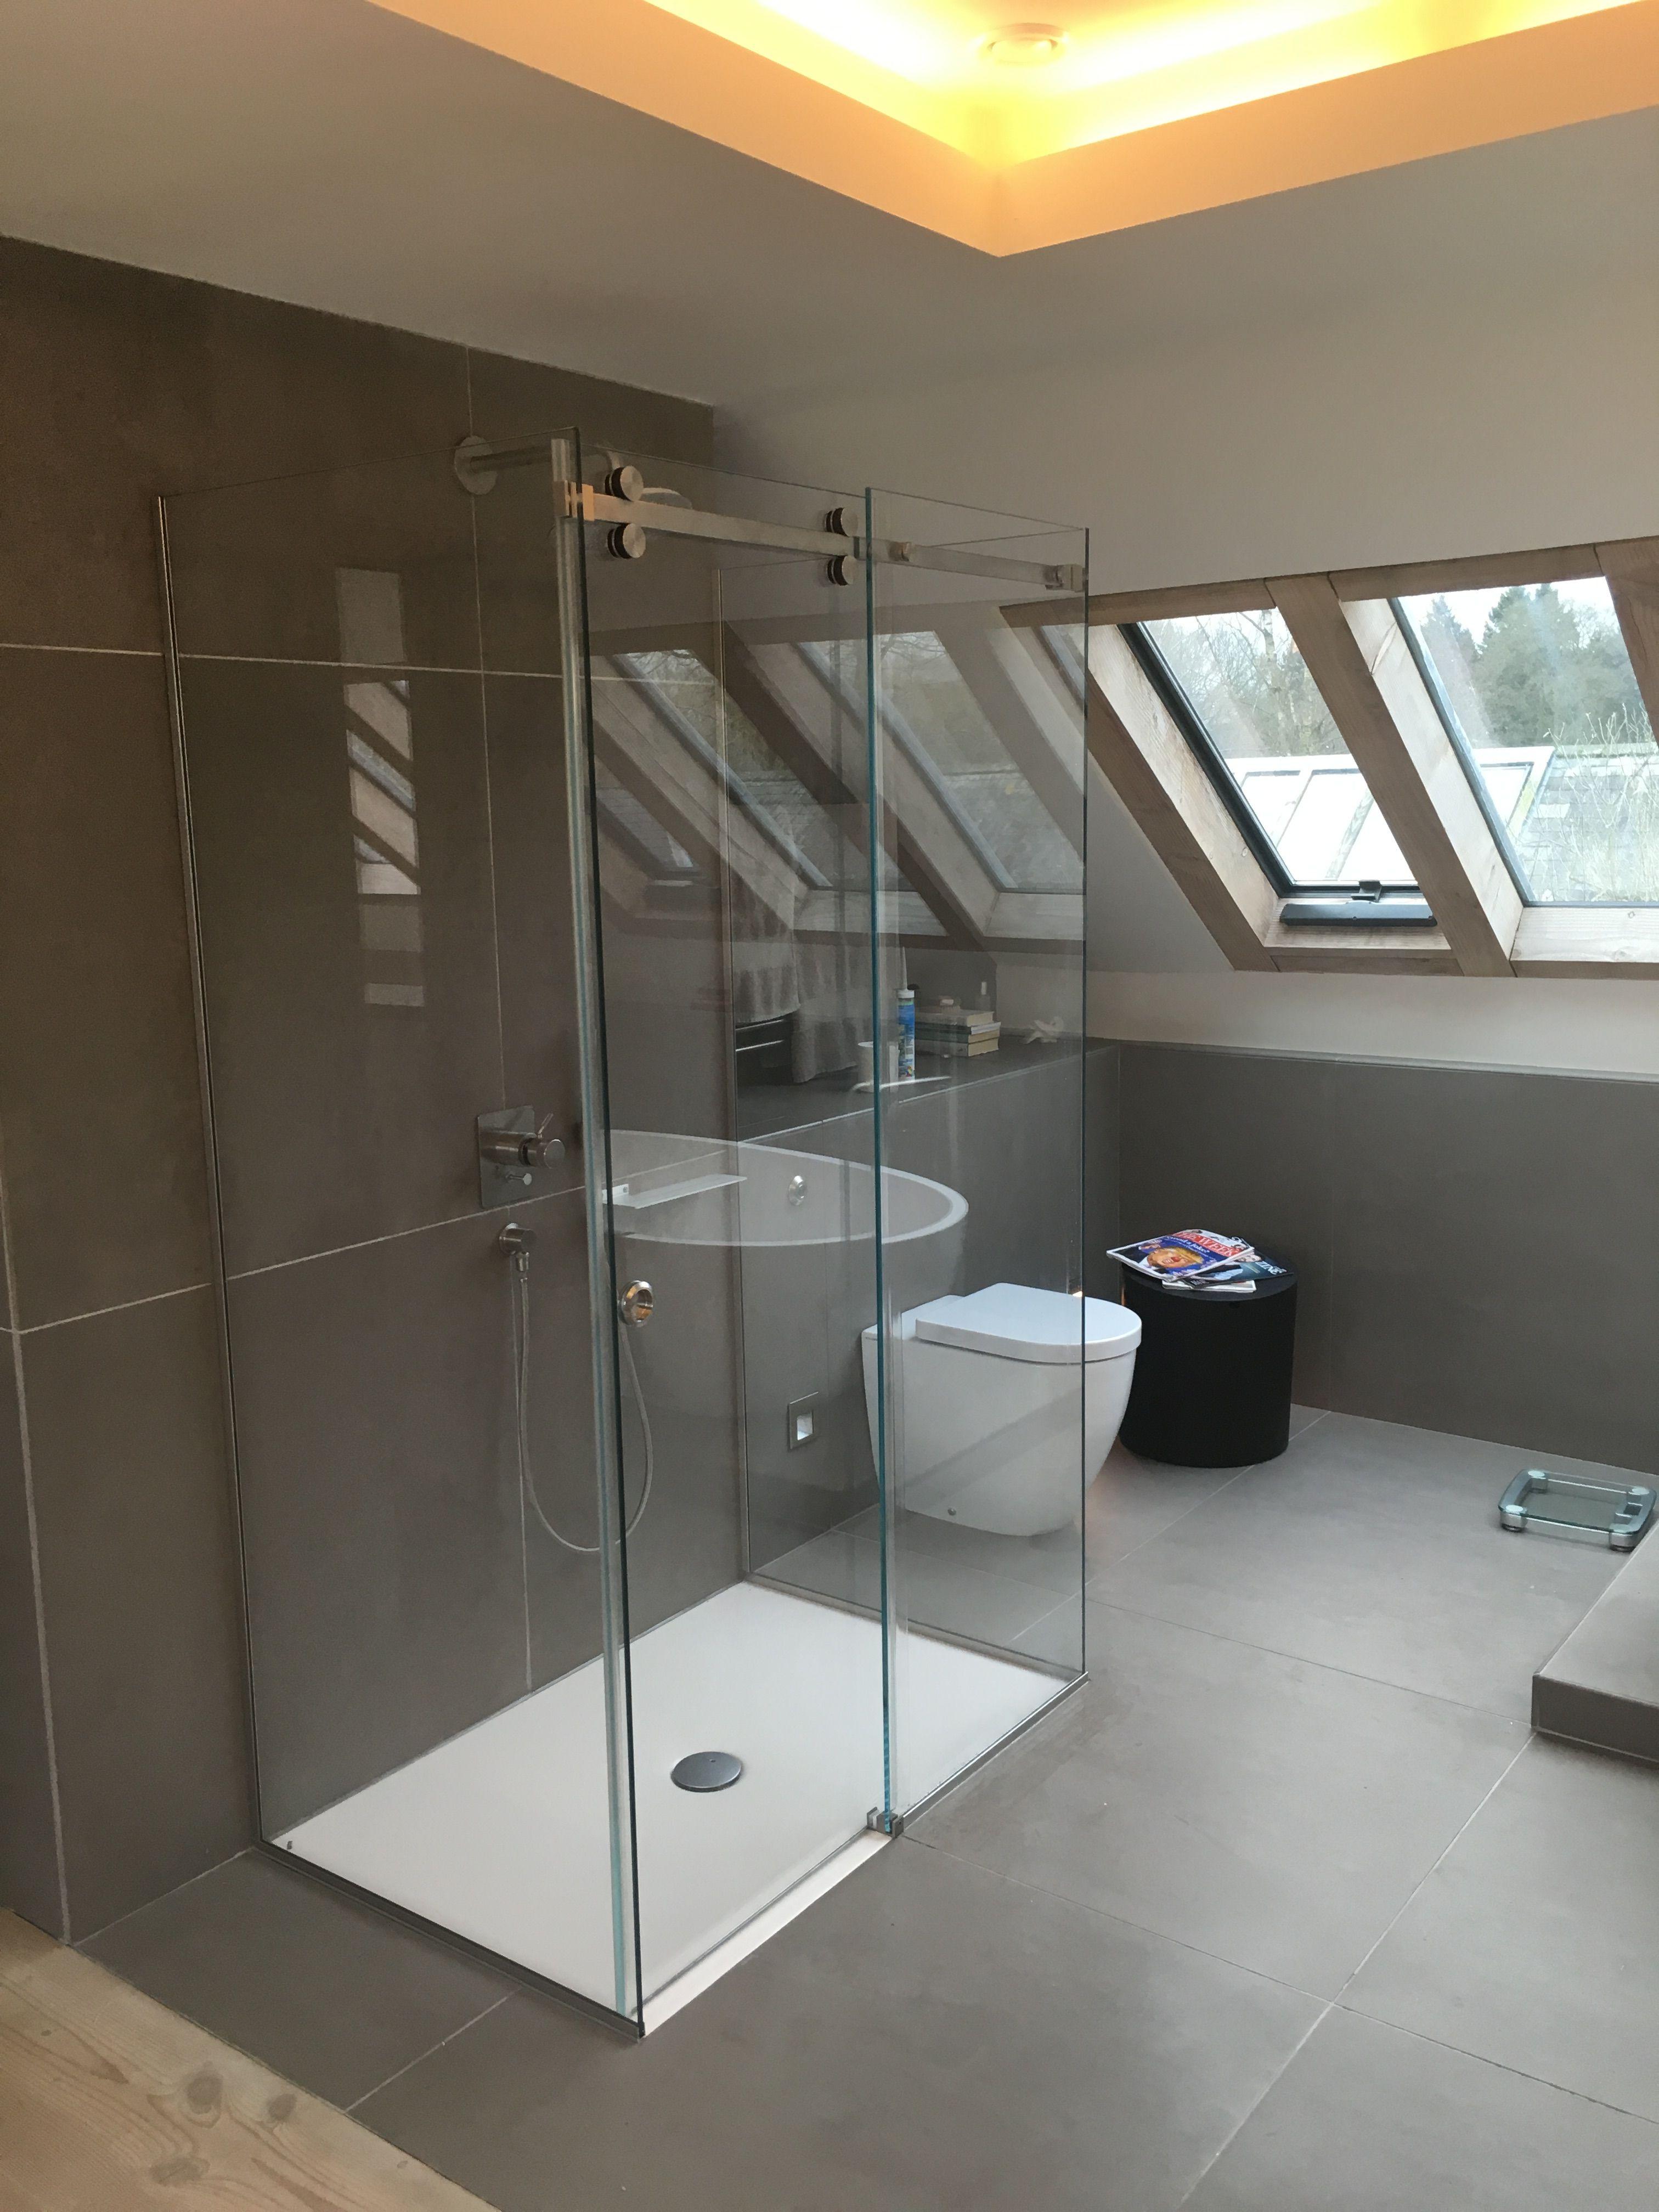 Frameless 3 Sided Sliding Shower Enclosure Installed In Marlborough Custom Bathroom Shower Enclosure Frameless Sliding Shower Doors